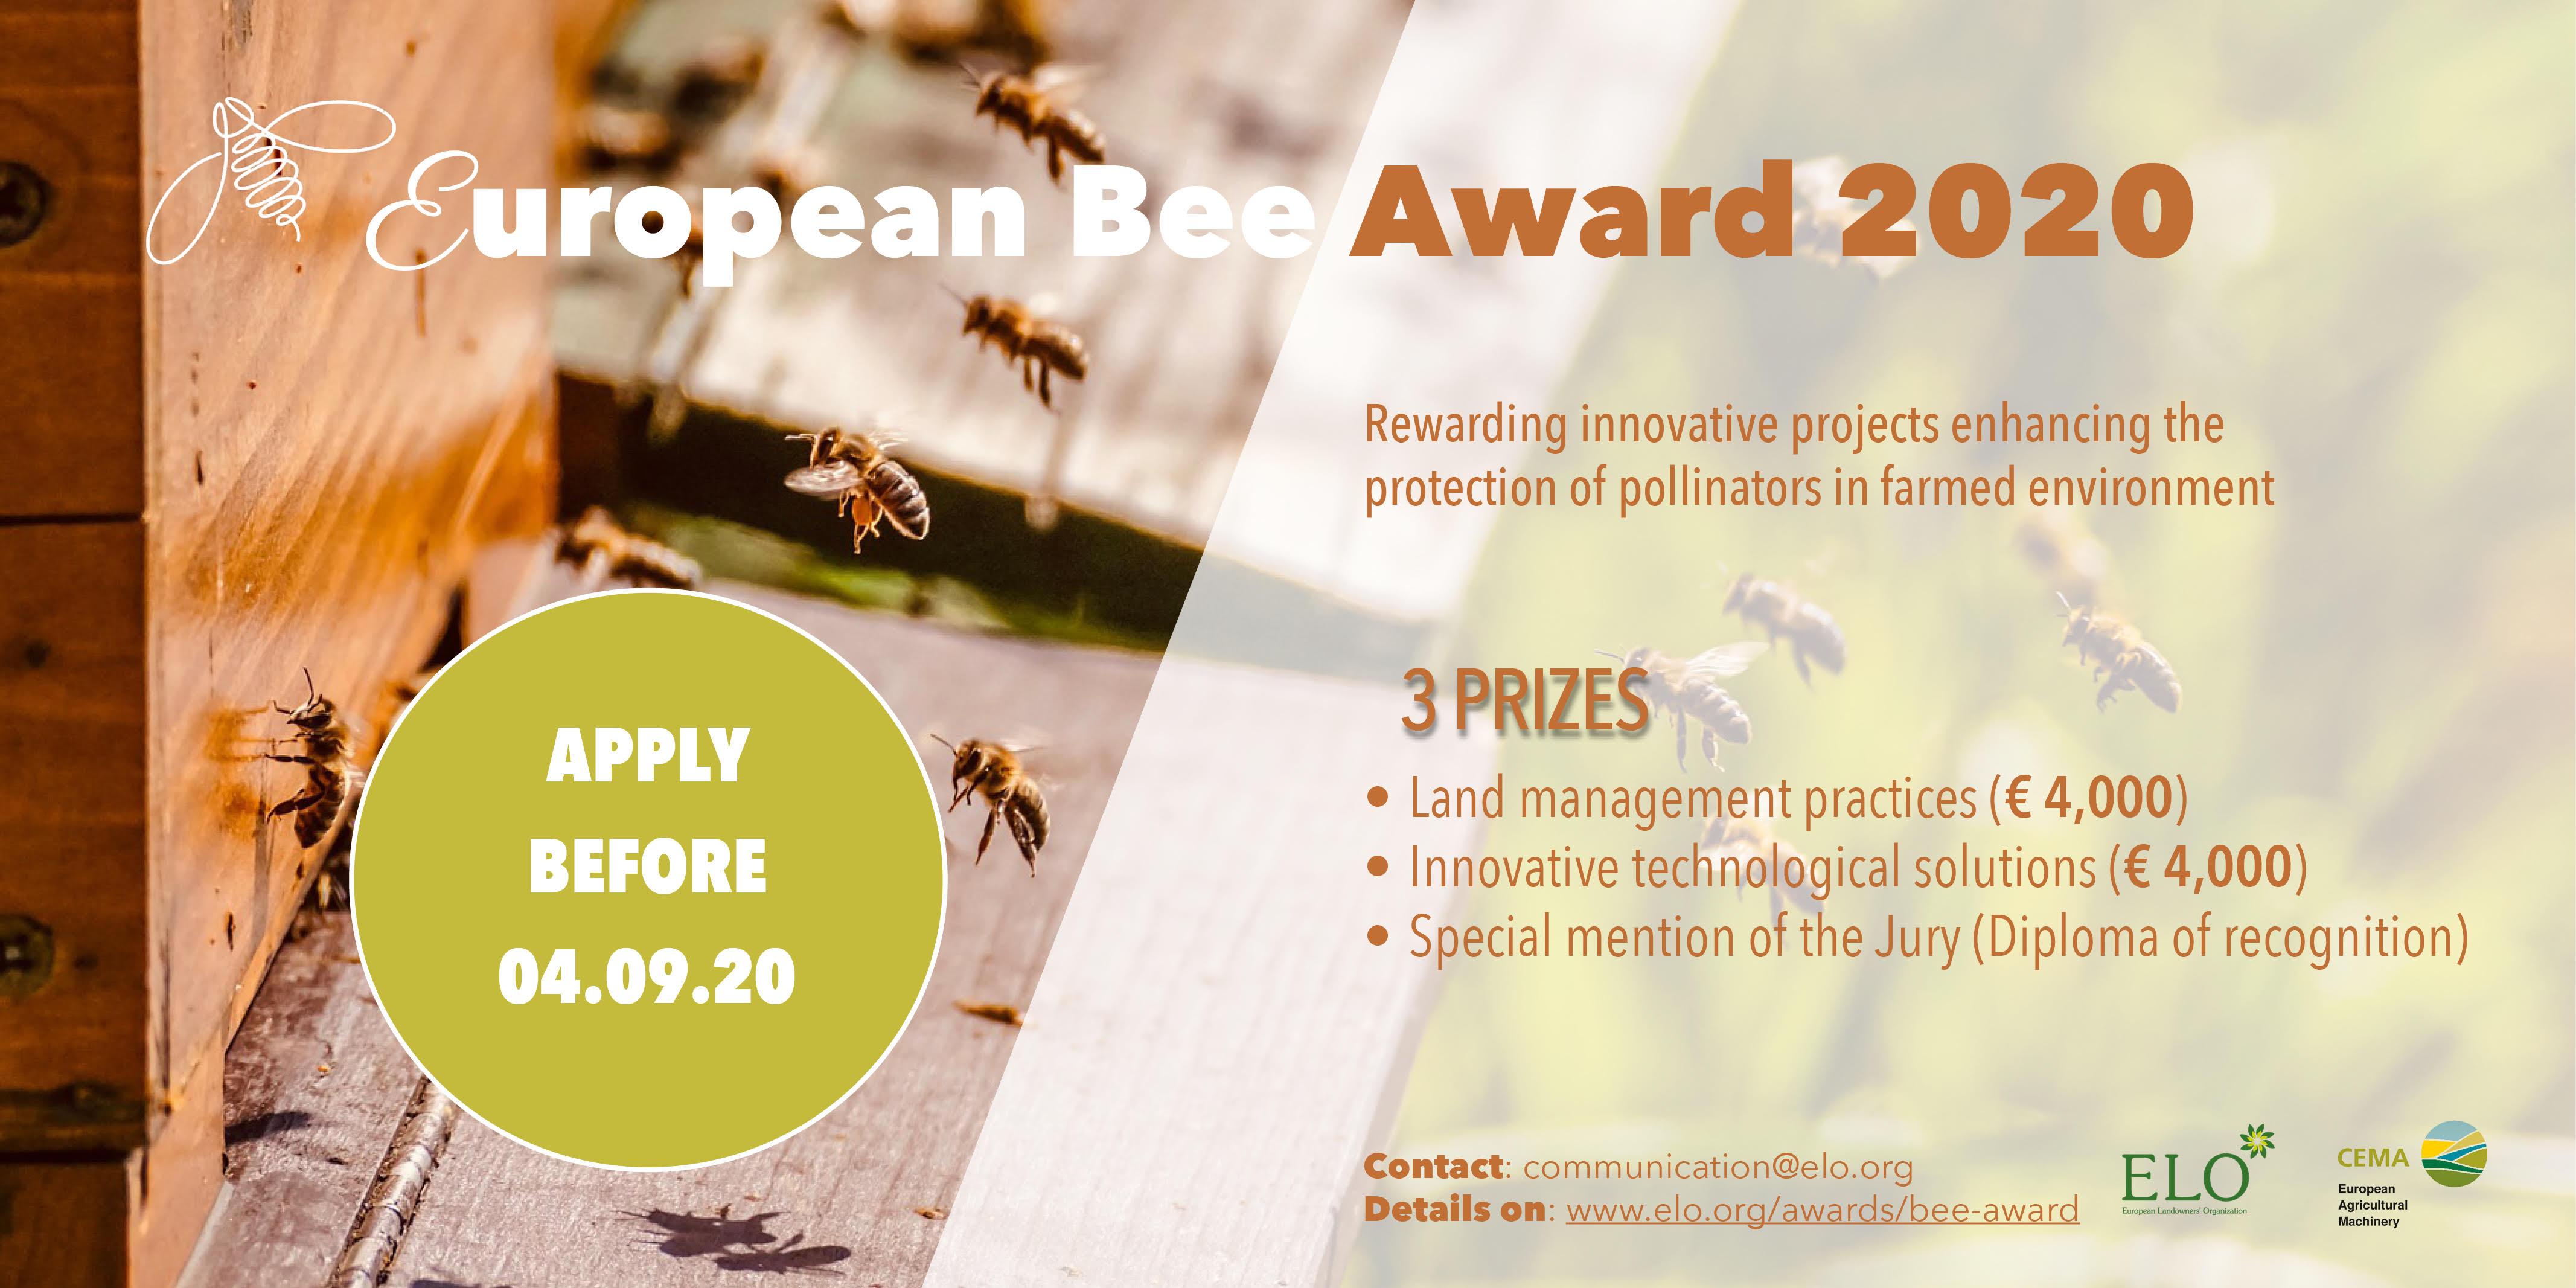 🐝 Bee Award